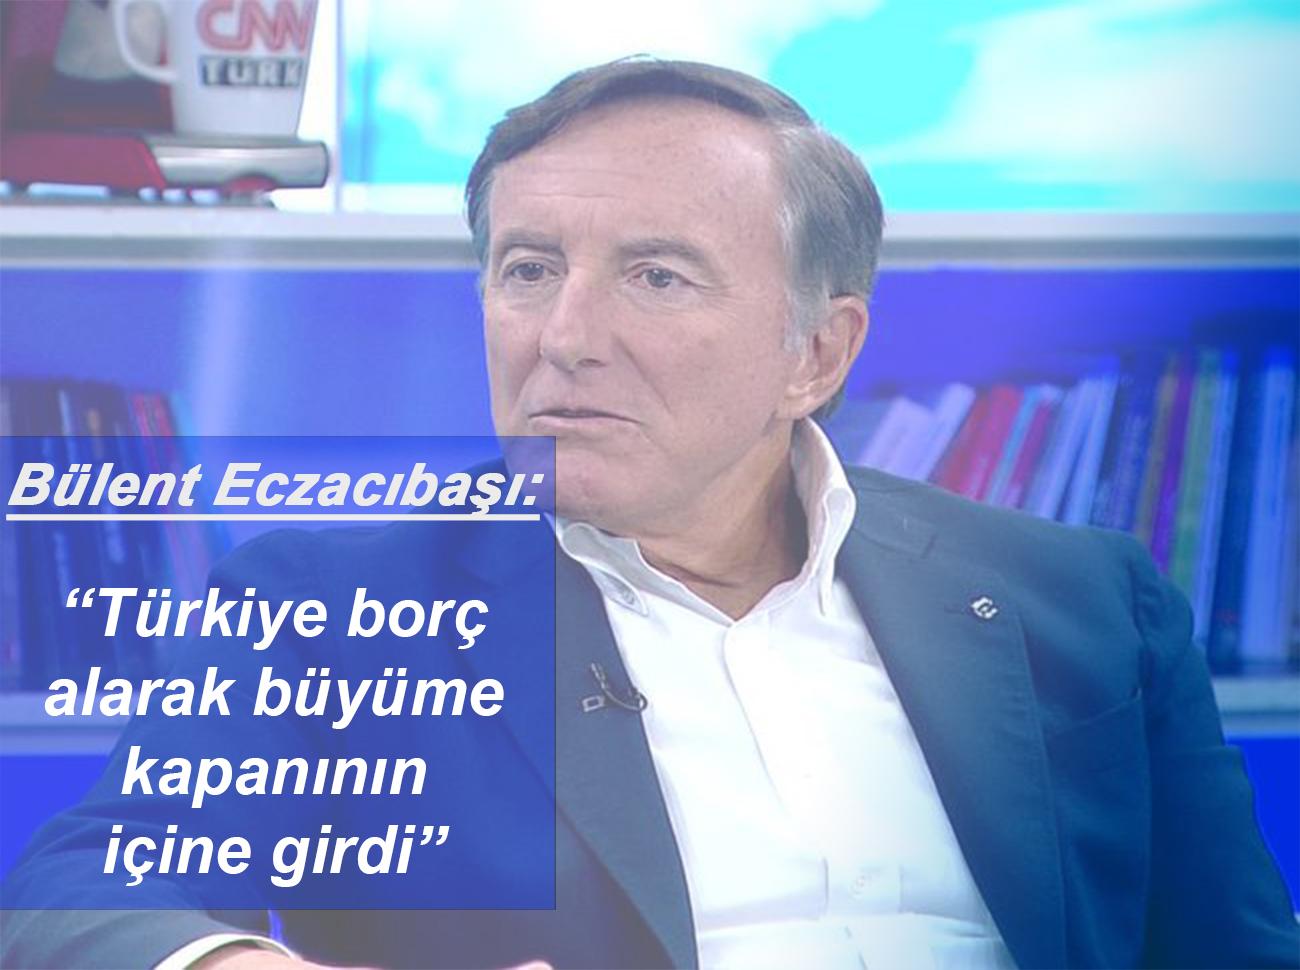 Bülent Eczacıbaşı Türk Ekonomisini Değerlendirdi